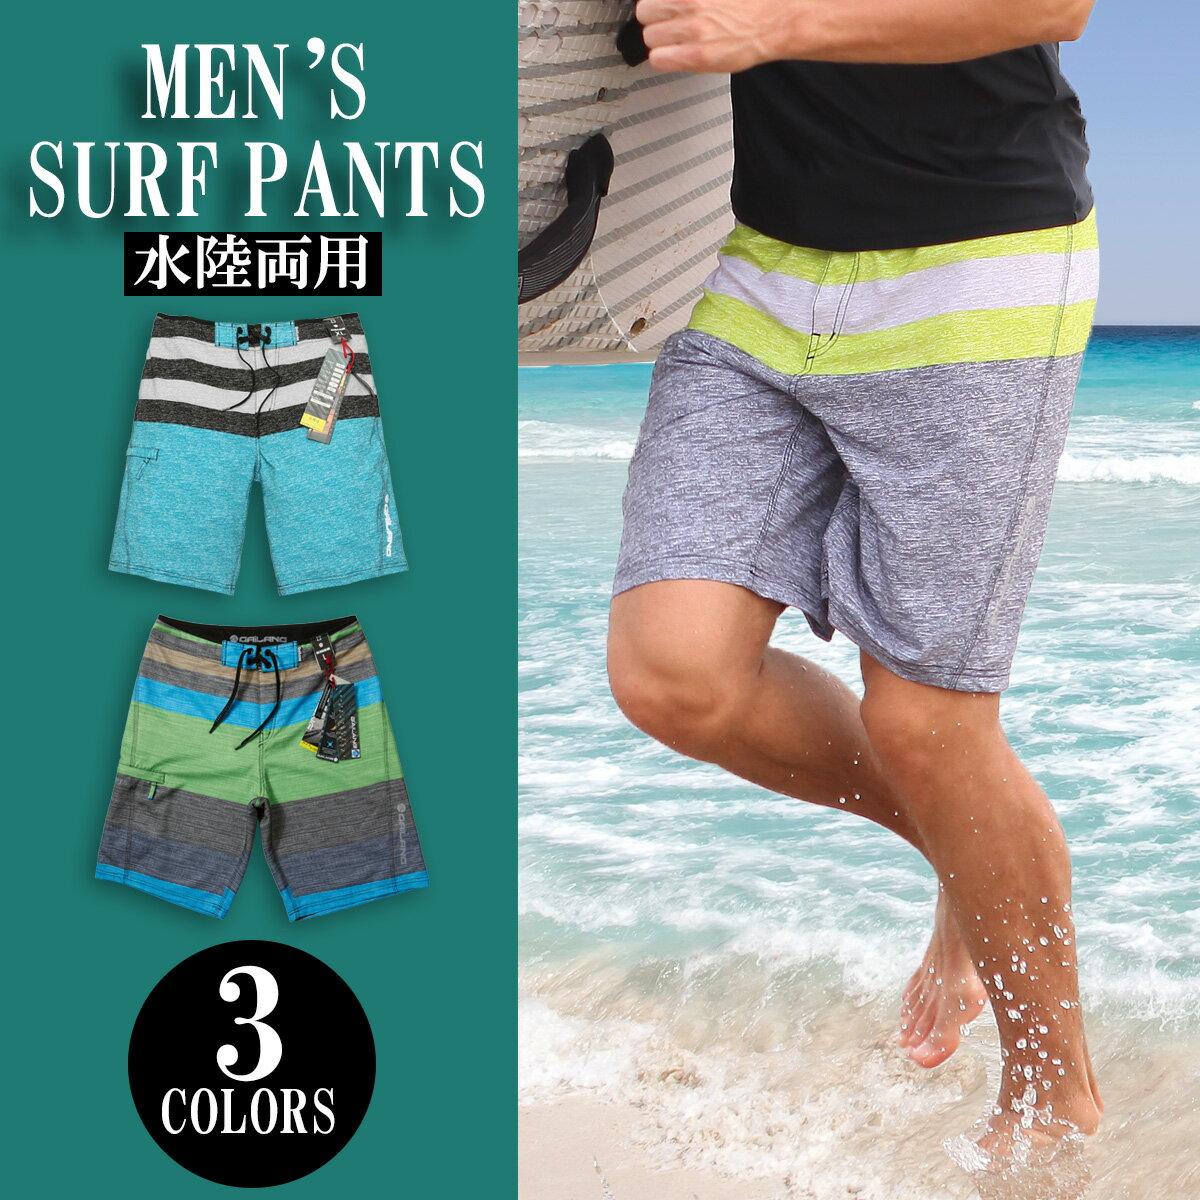 GAILANG(ガイラング) 水着 メンズ 海パン 海パン 海水パンツ サーフ サーフパンツ サーフショーツ 海水浴 プール 温泉 大きいサイズ 旅行 海外旅行 post